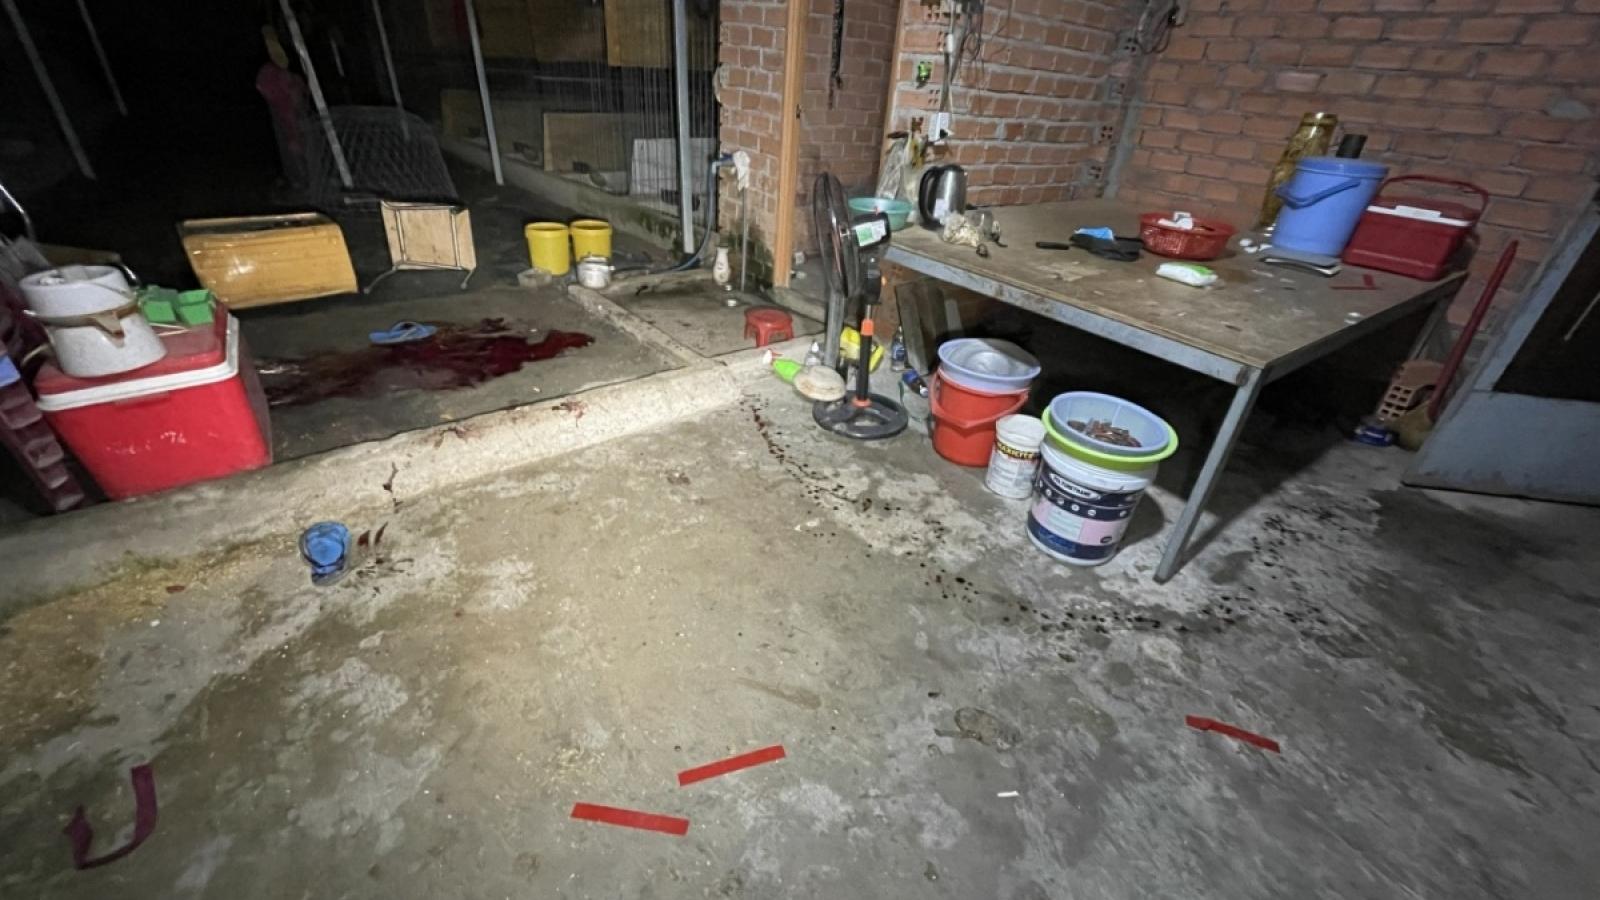 Đối tượng giết người dã man tại quận 7 khai không sử dụng ma túy